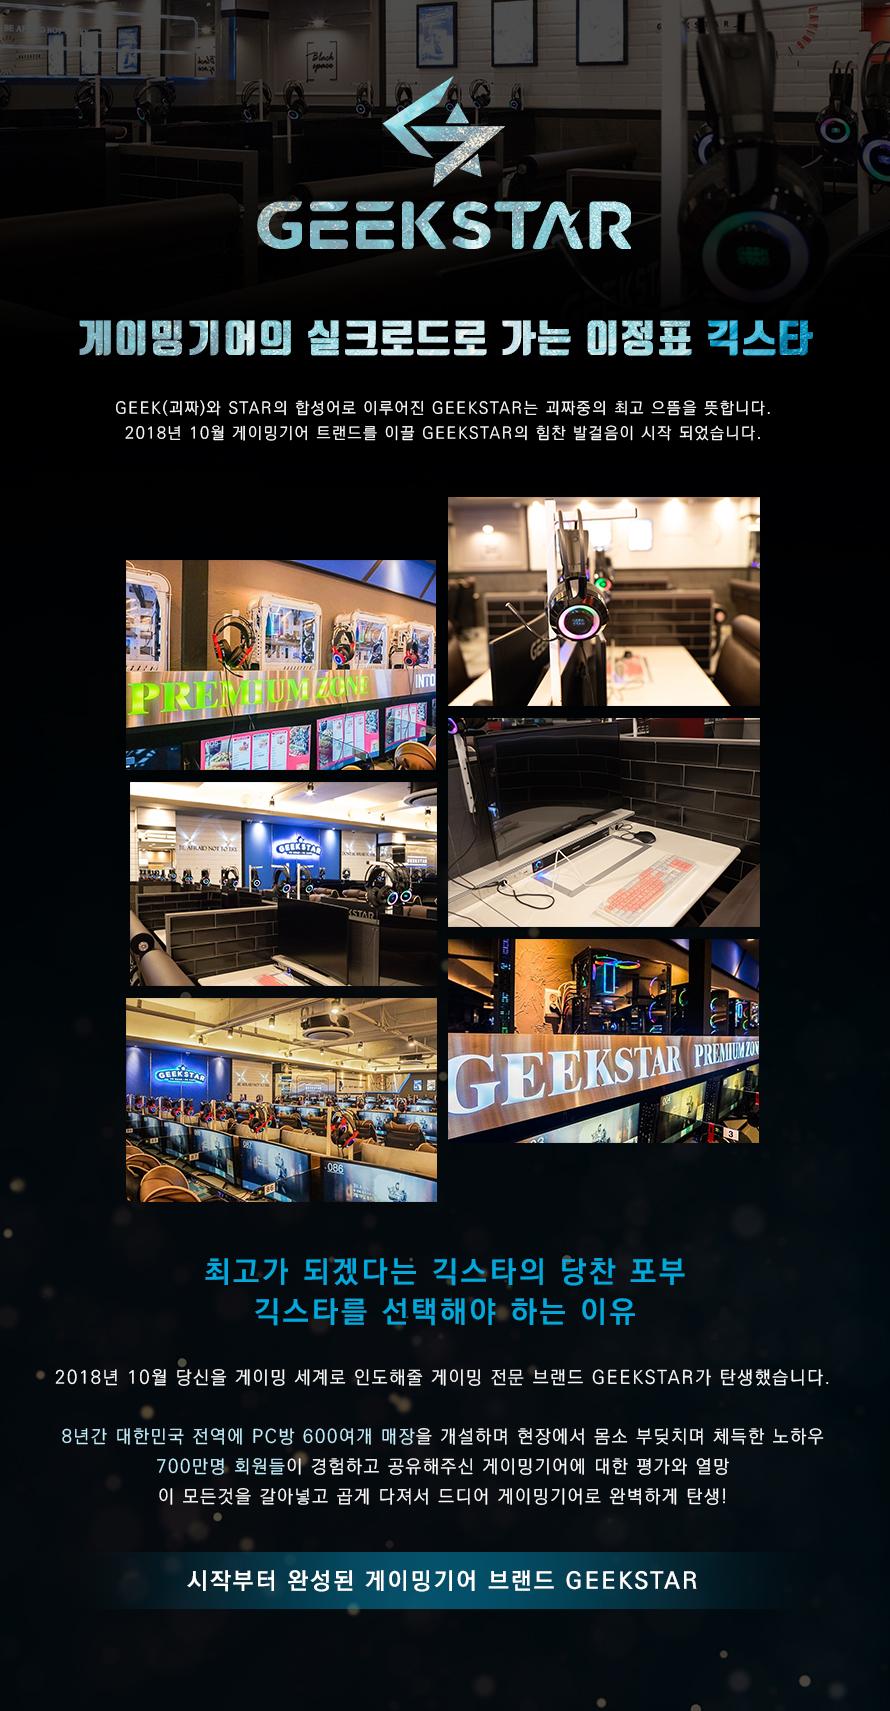 세컨드찬스 GEEKSTAR GM900 3325 RGB 게이밍 마우스(블랙)